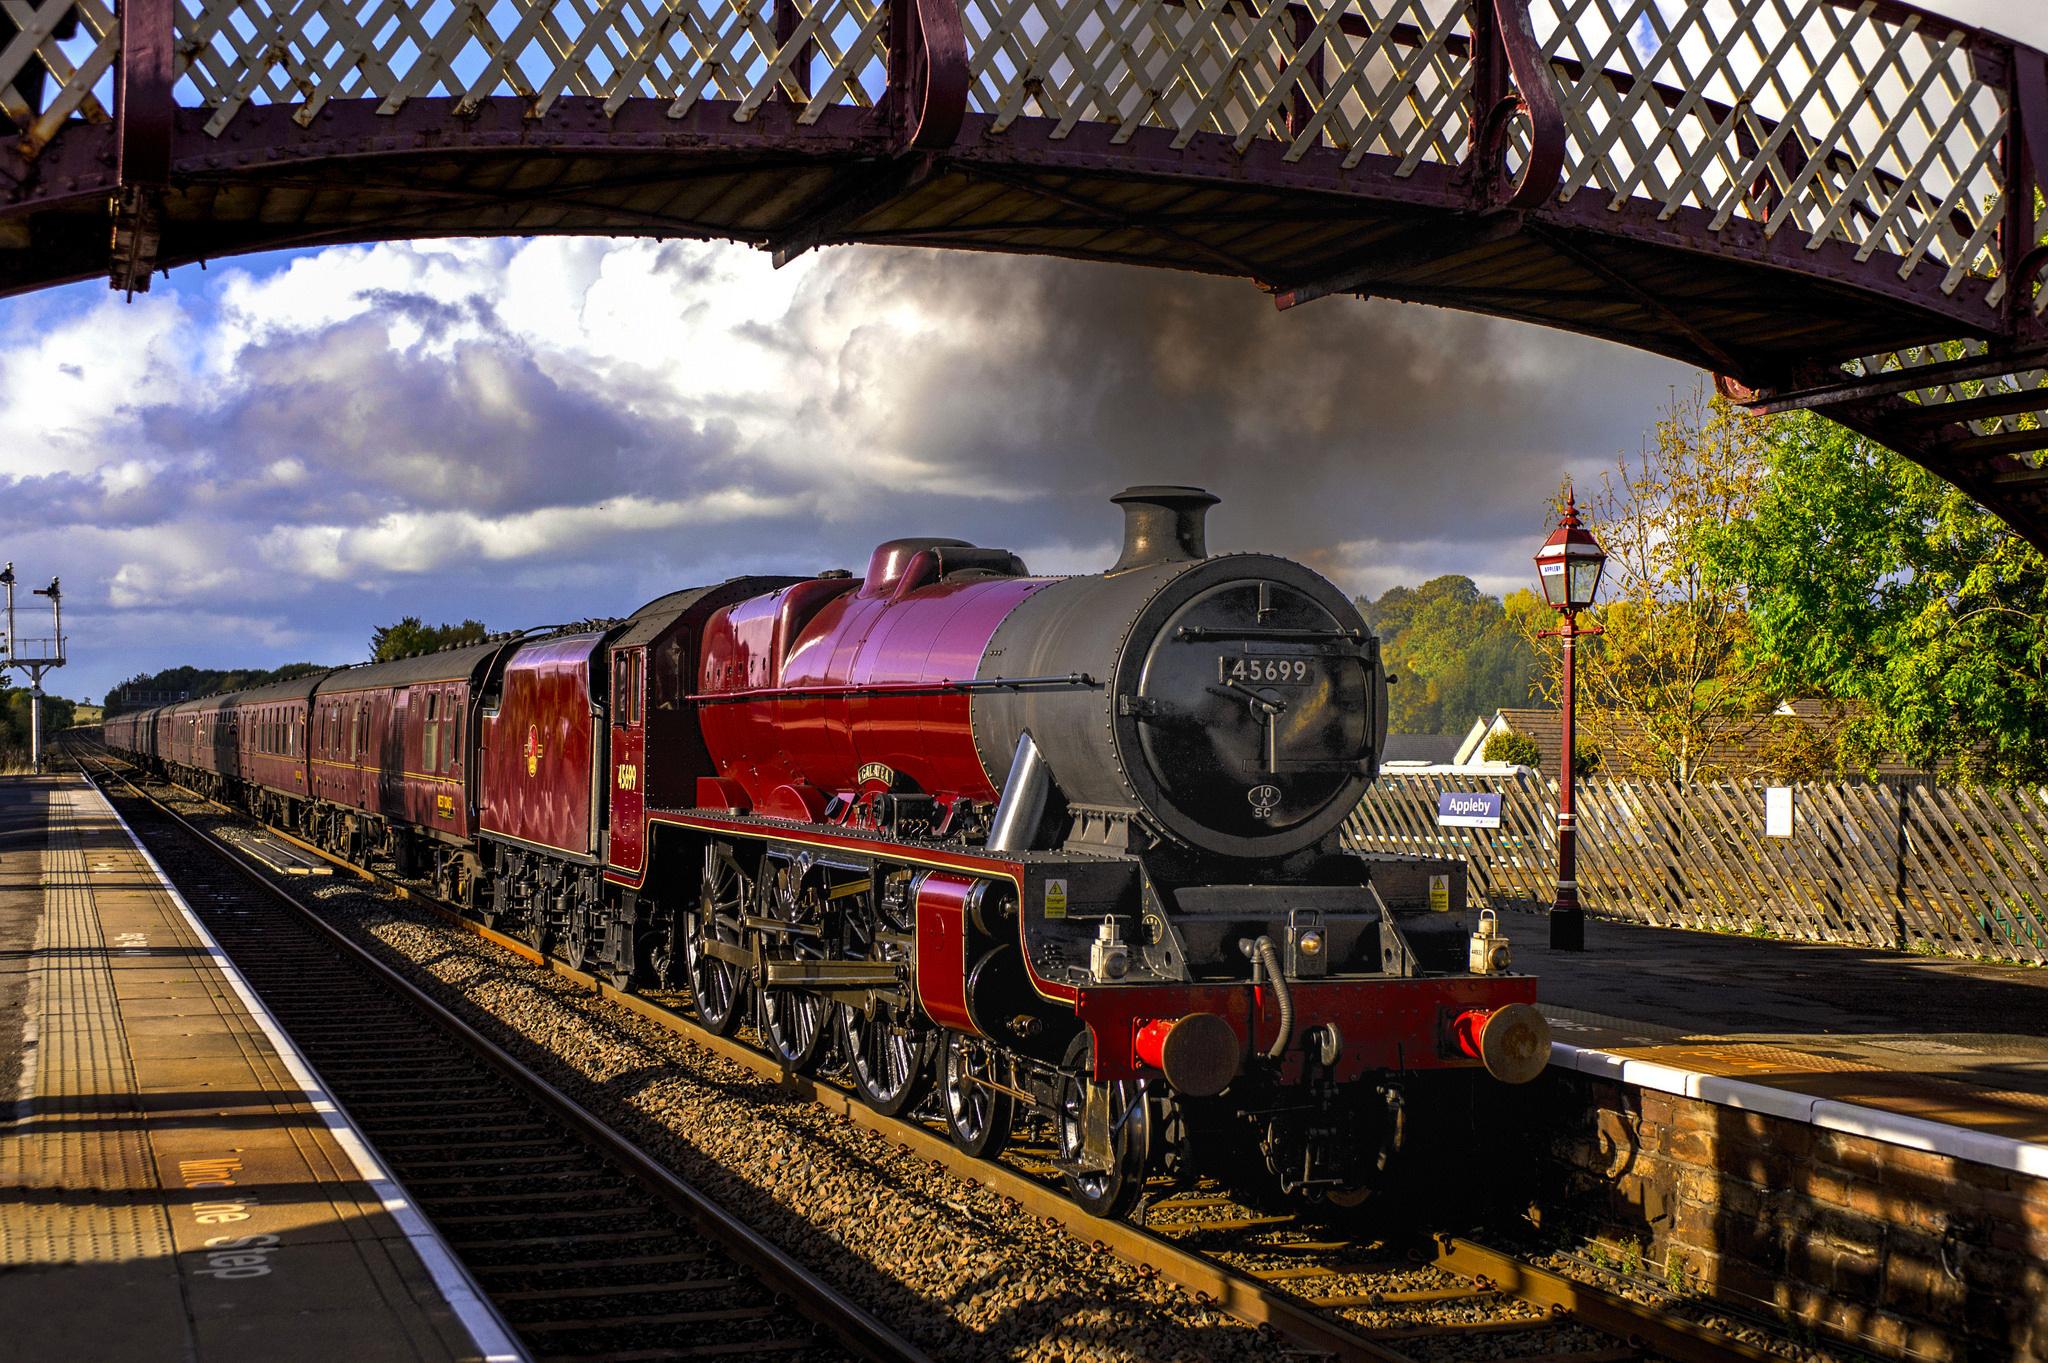 смотреть картинки поездов этого